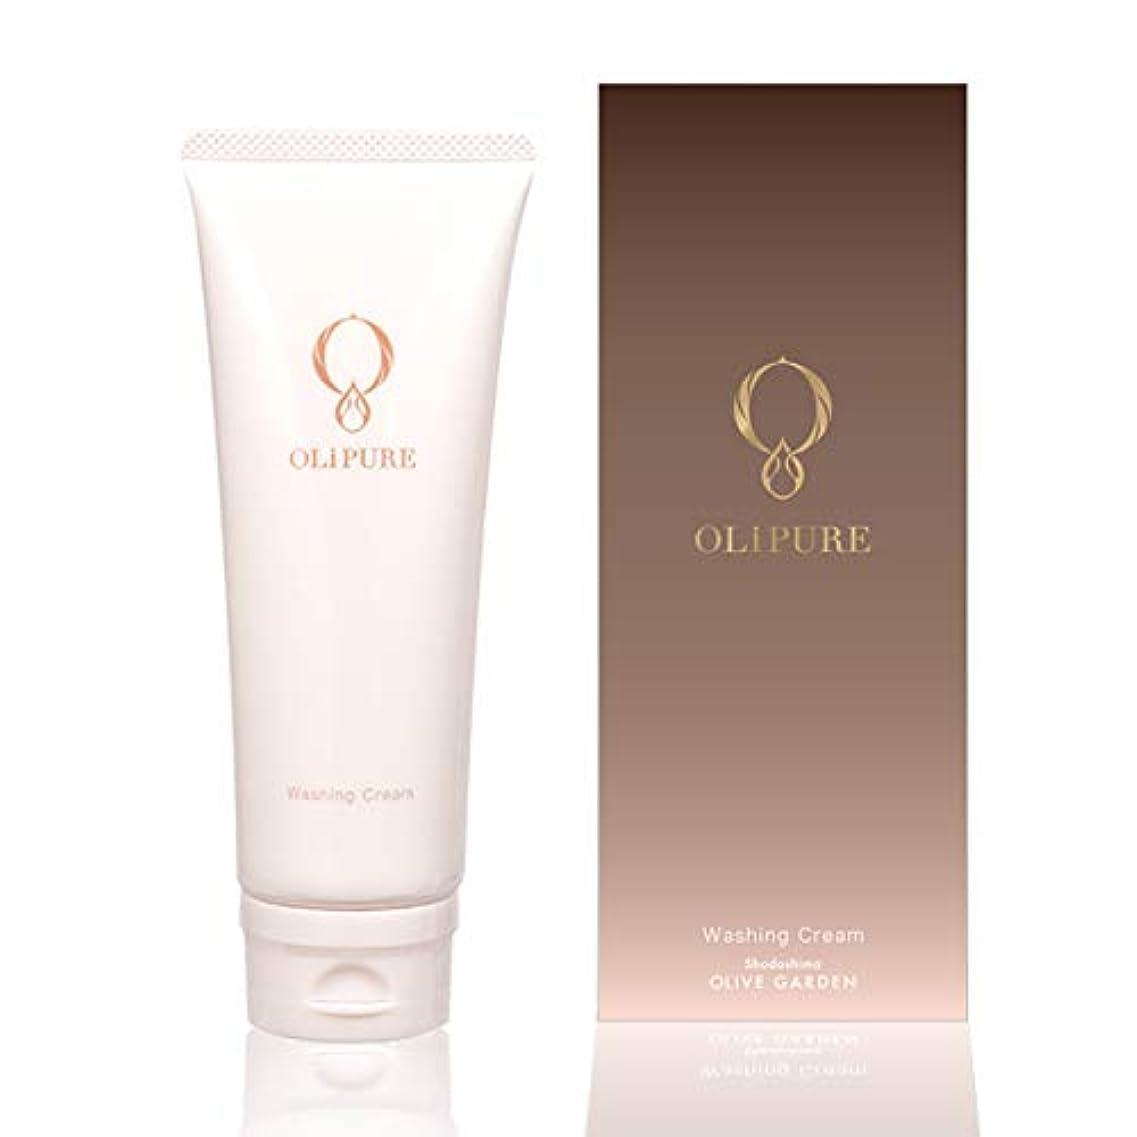 ダイヤモンドウェイドホーンオリピュア ウォッシングクリーム100g 洗顔 OLiPURE Washing Cream